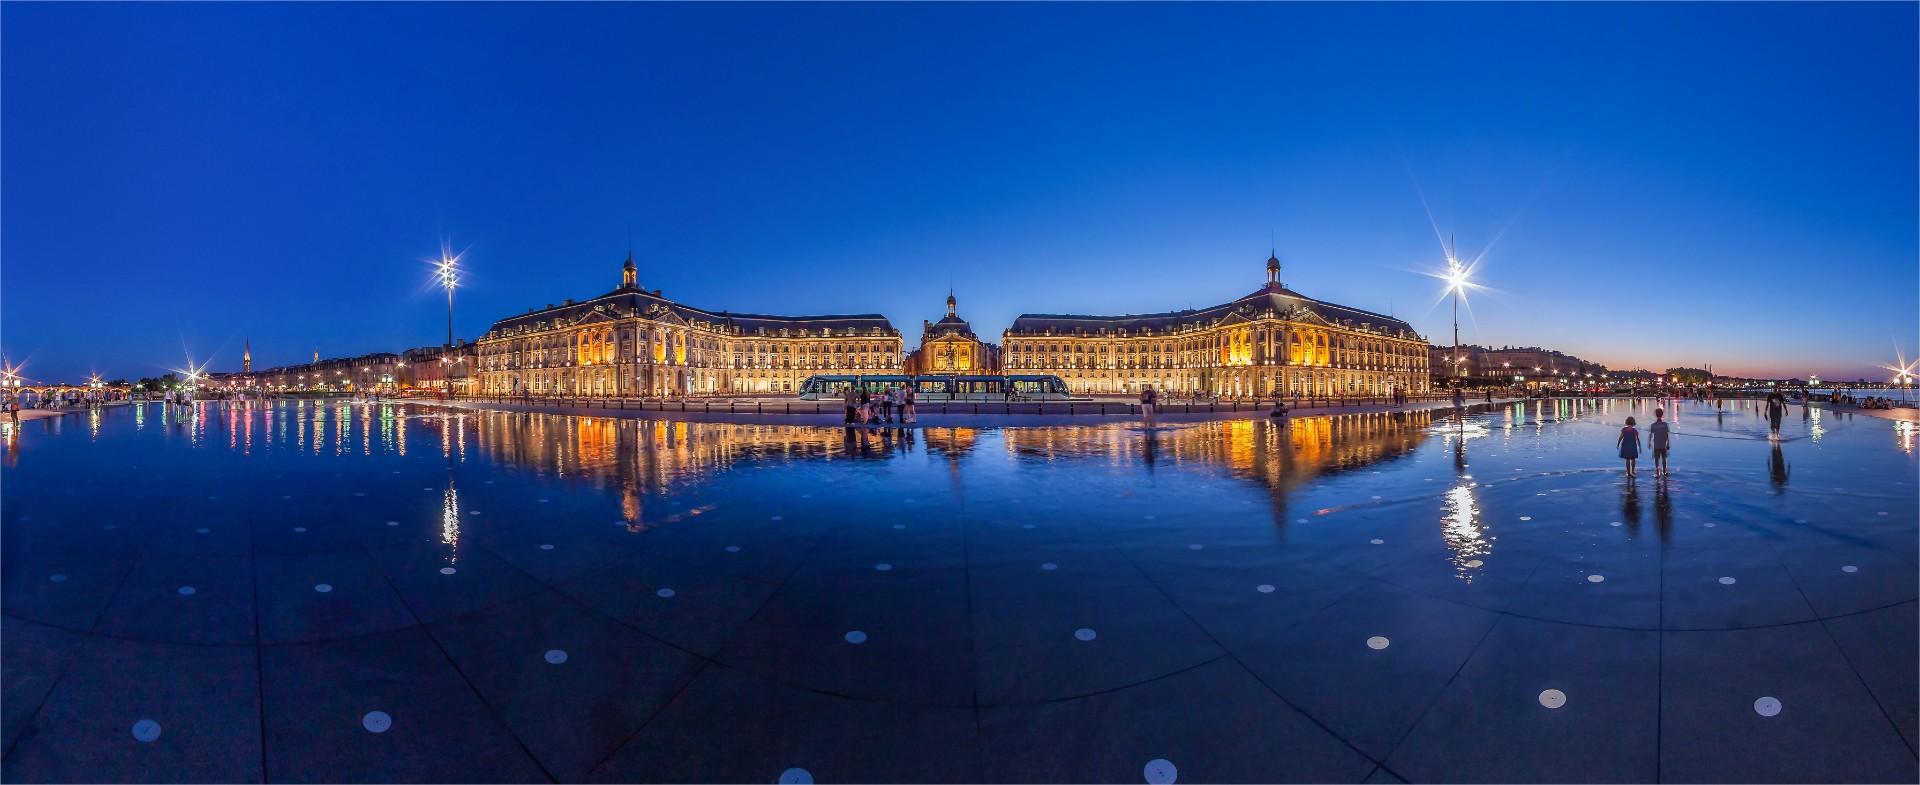 Miroir-d-eau-Bordeaux-Credit-Christophe-Bouthe